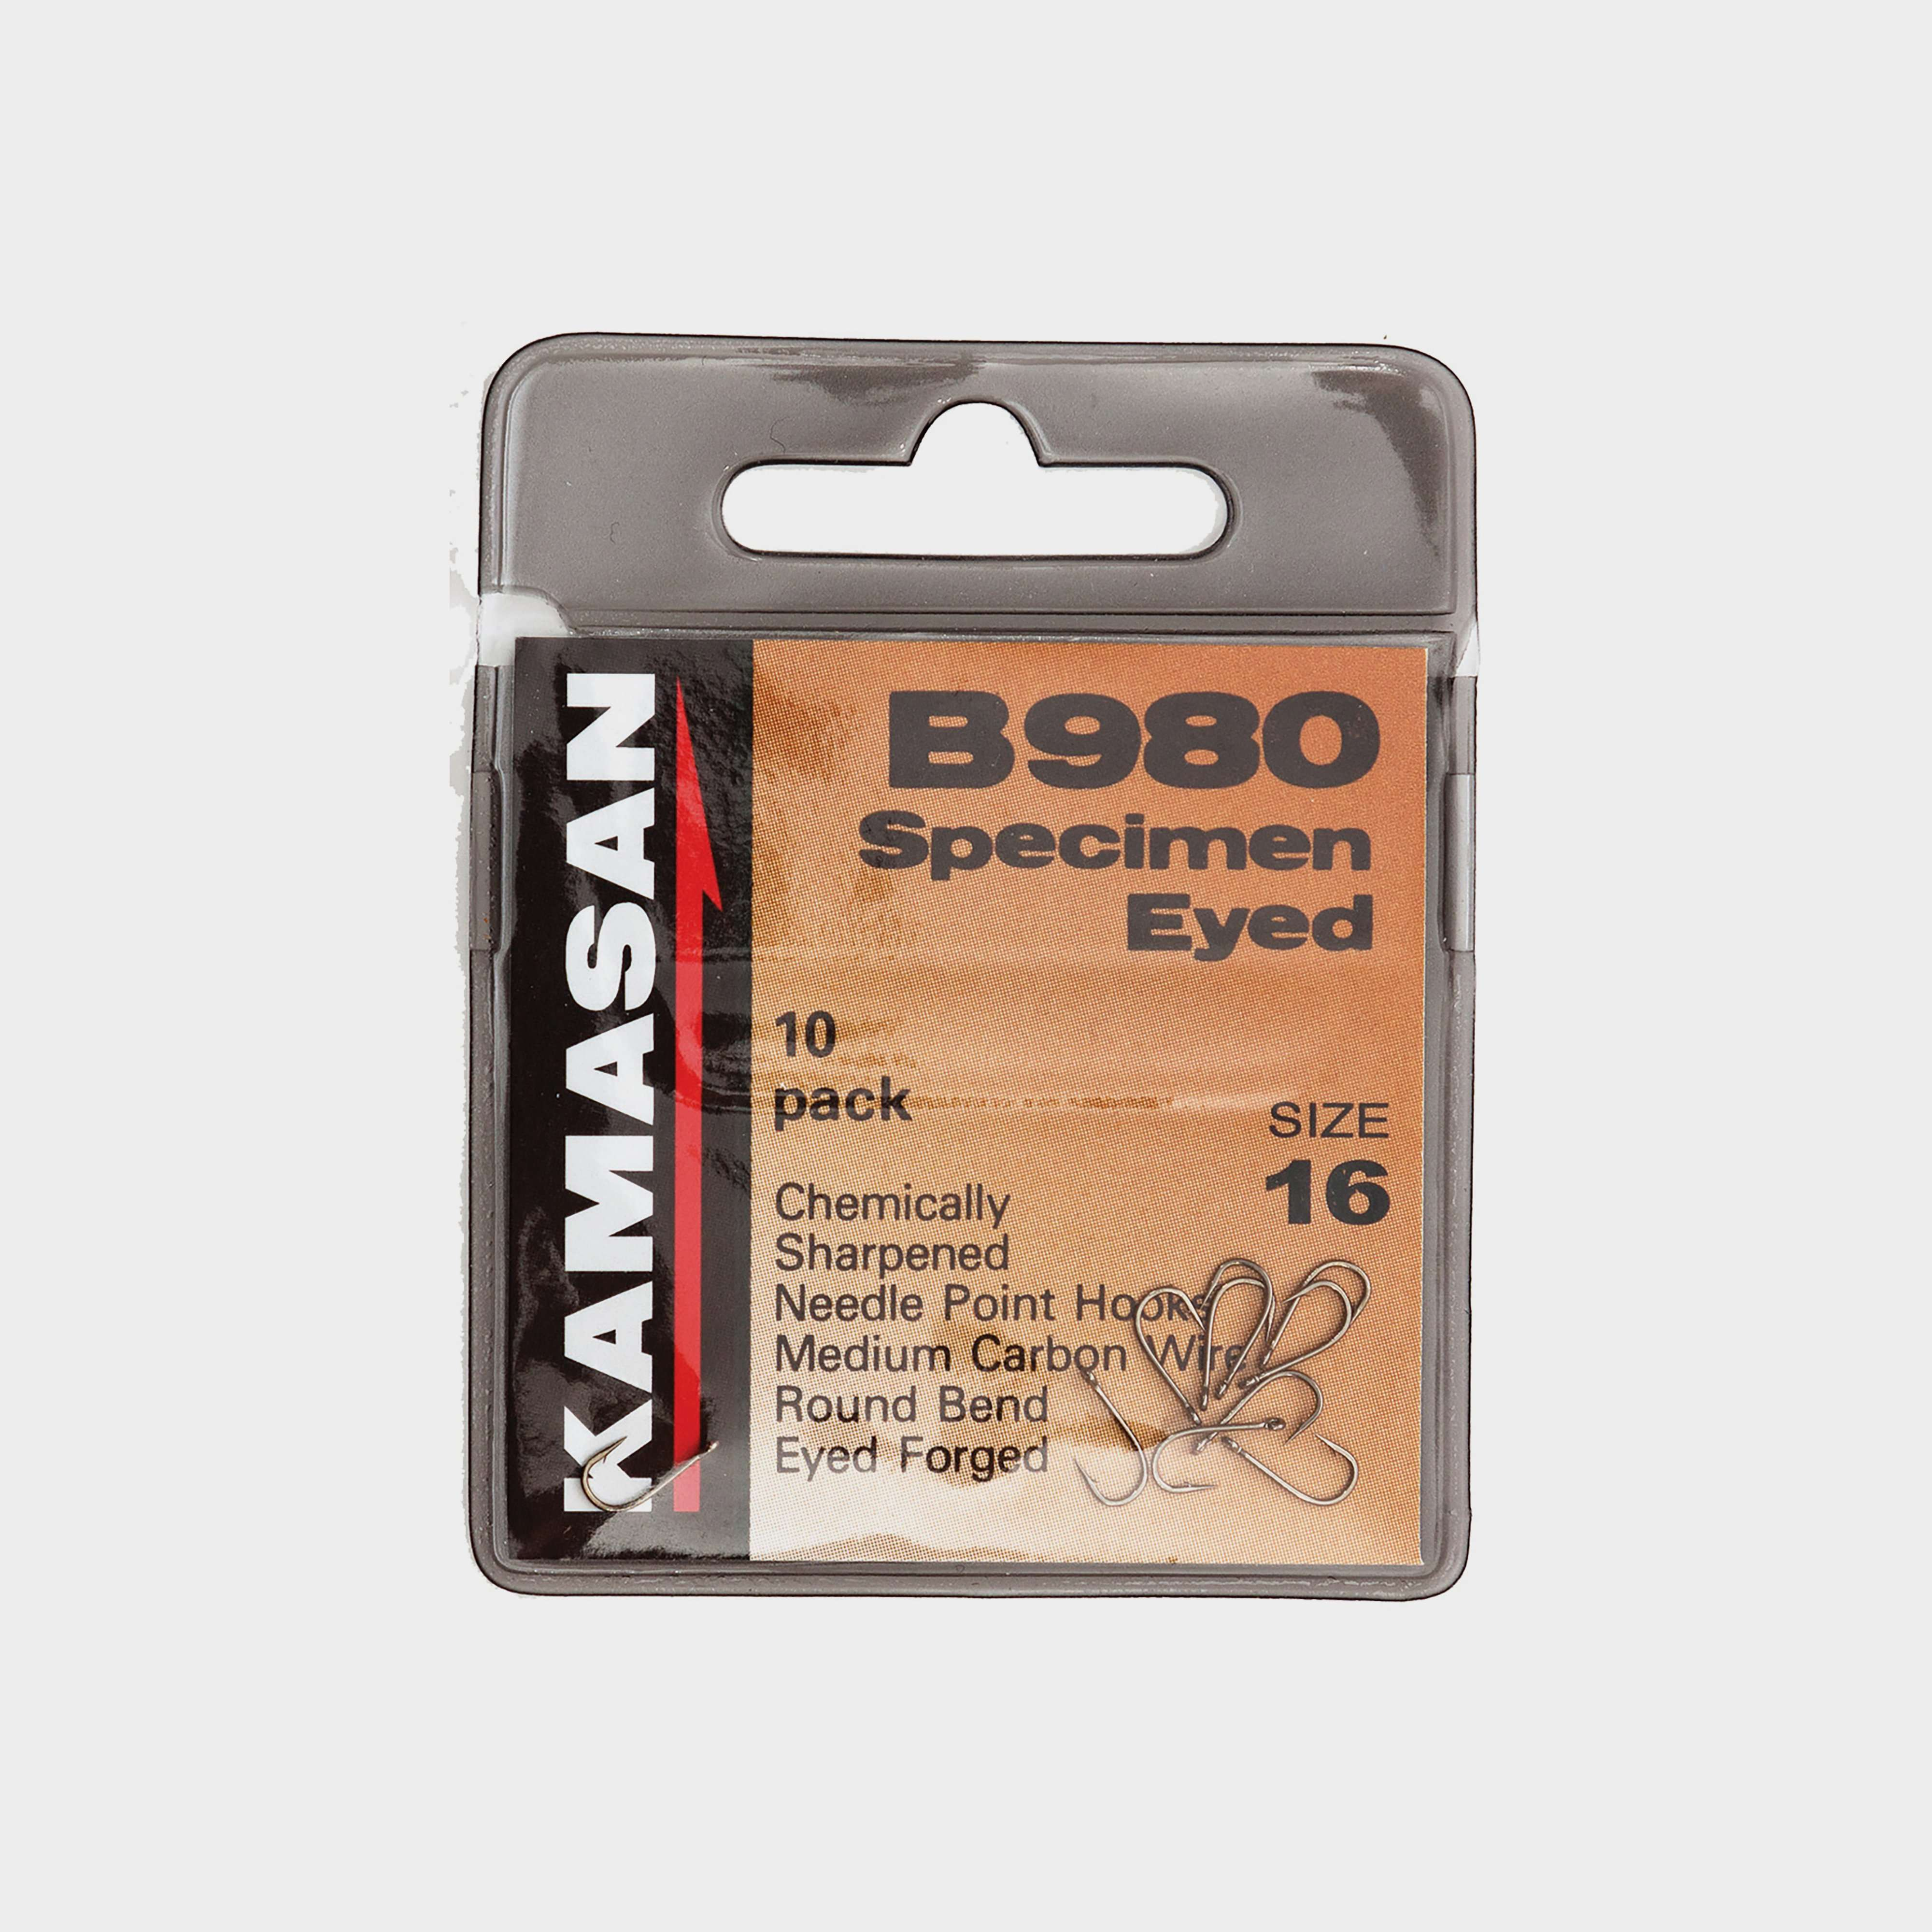 KAMASAN B980 Barbed Specimen Eyed Hooks - Size 16